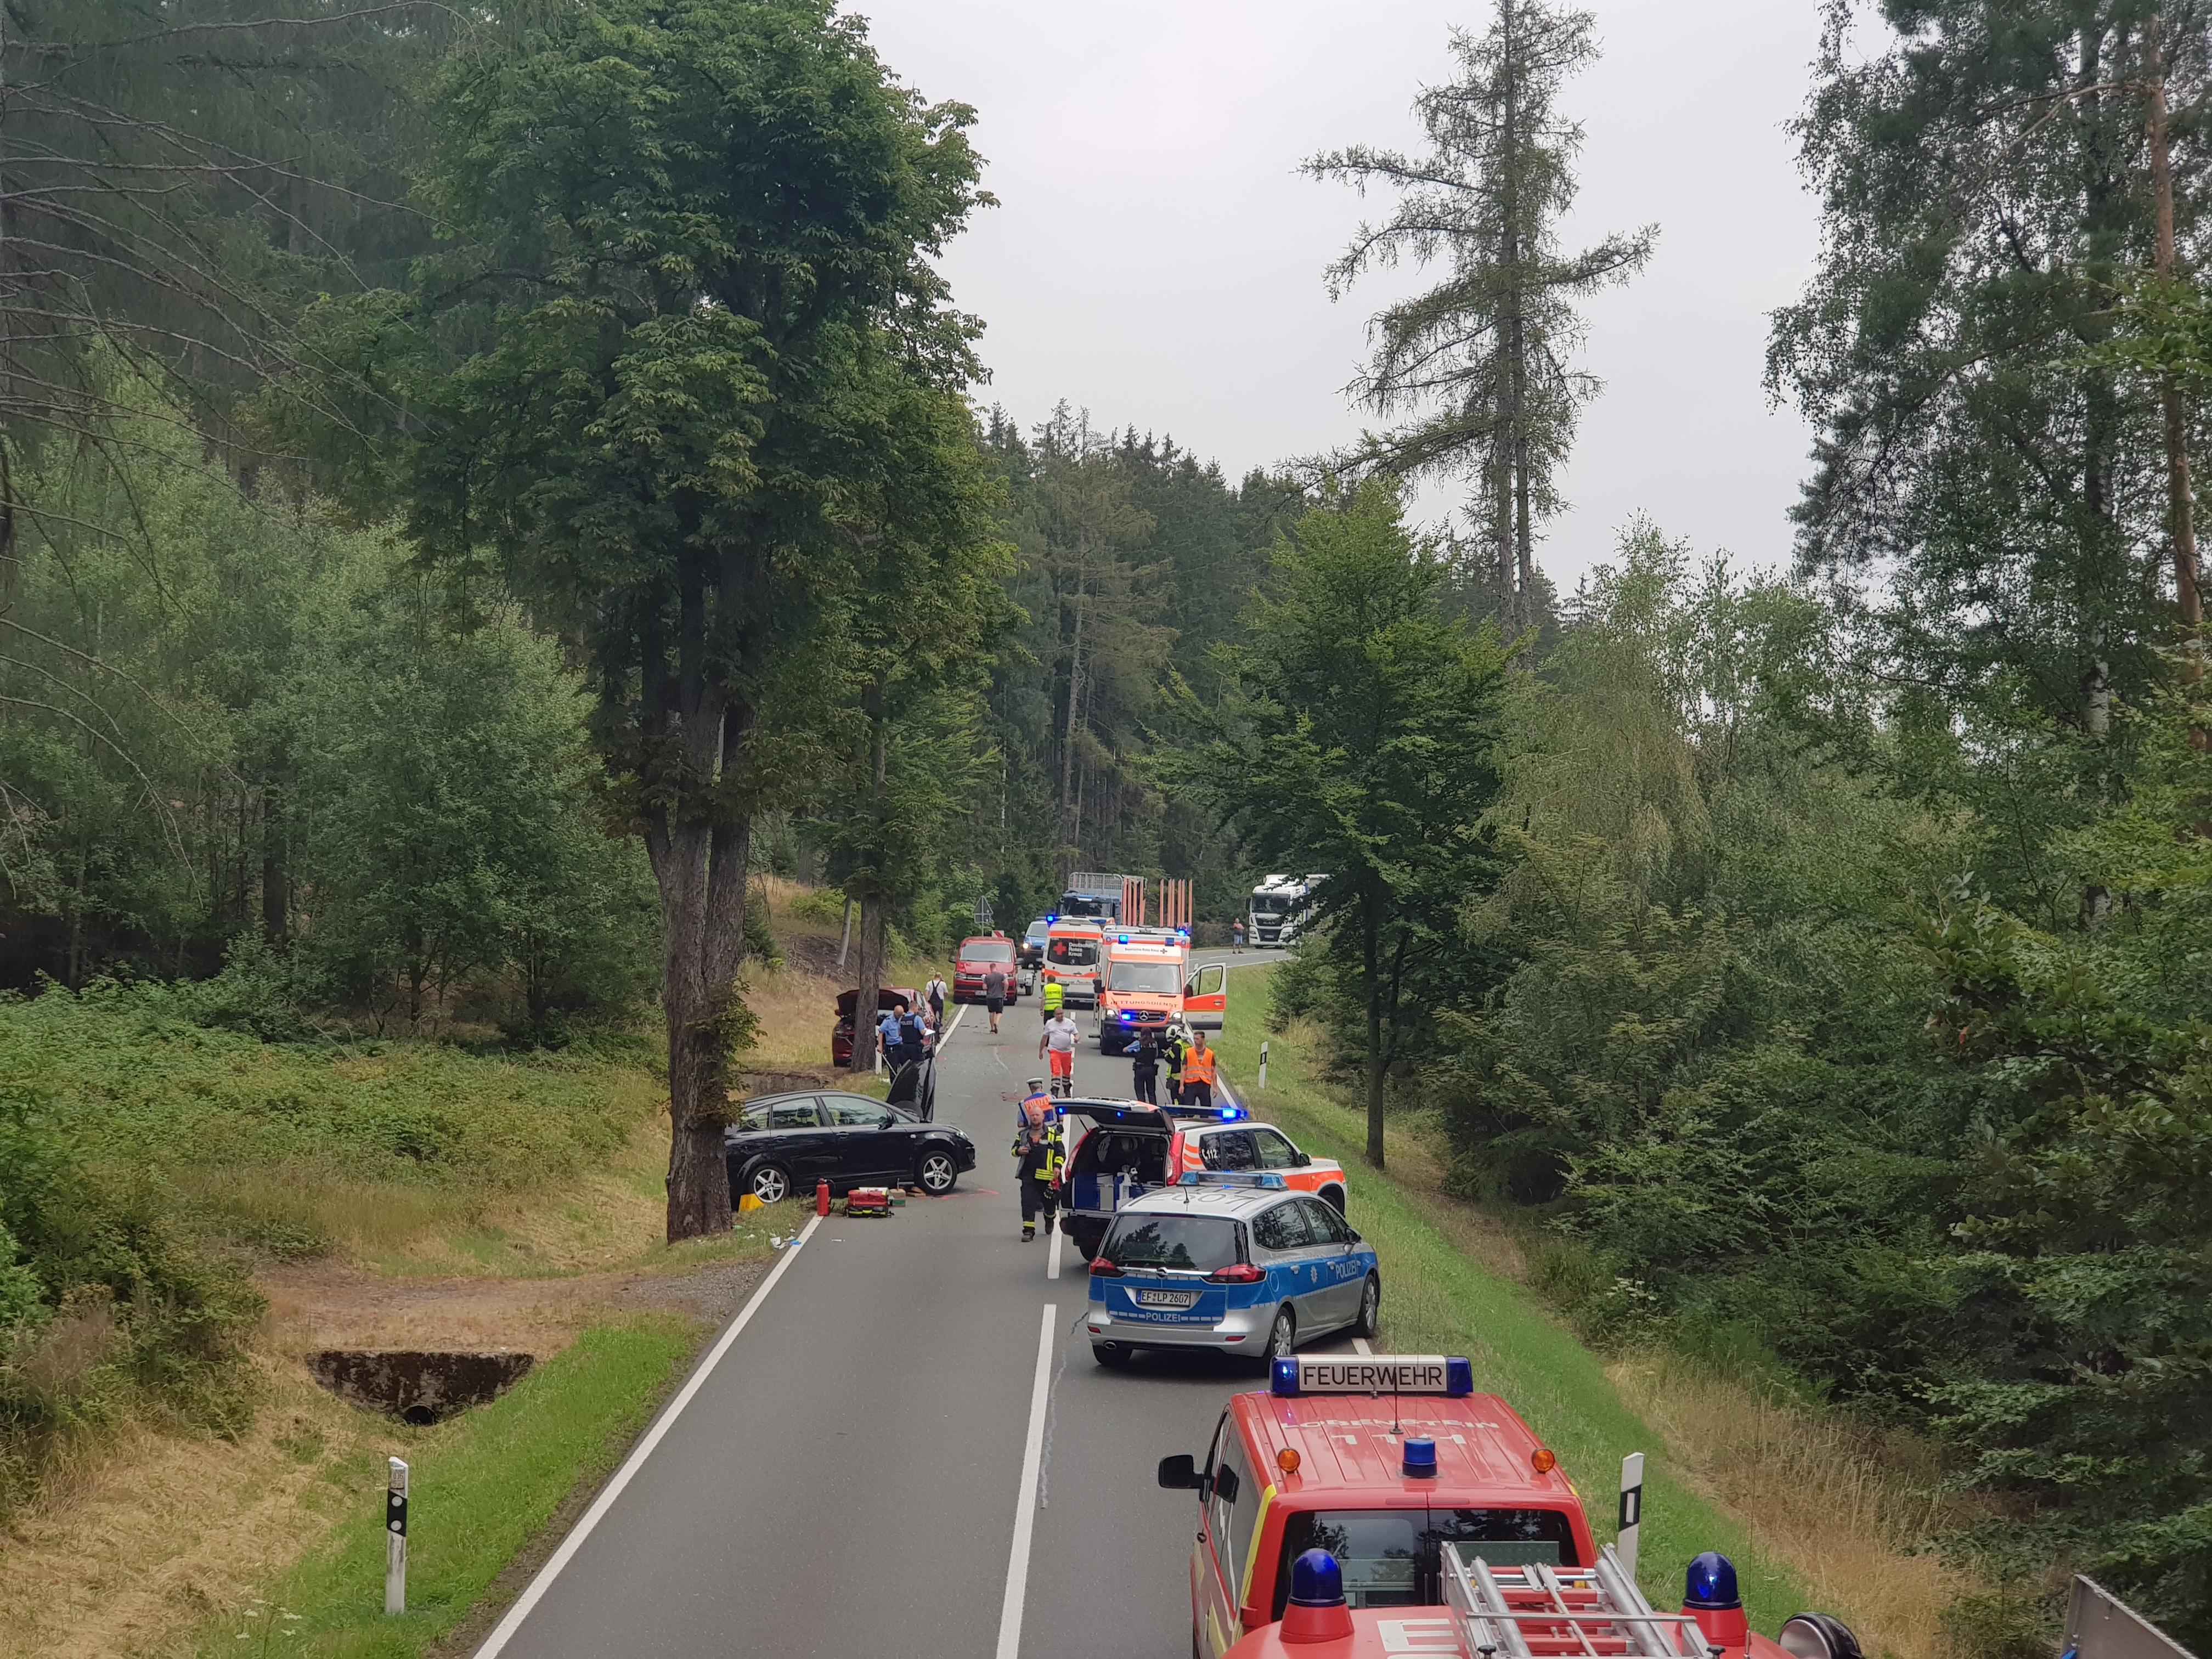 Verkehrsunfall mit 3 Pkw